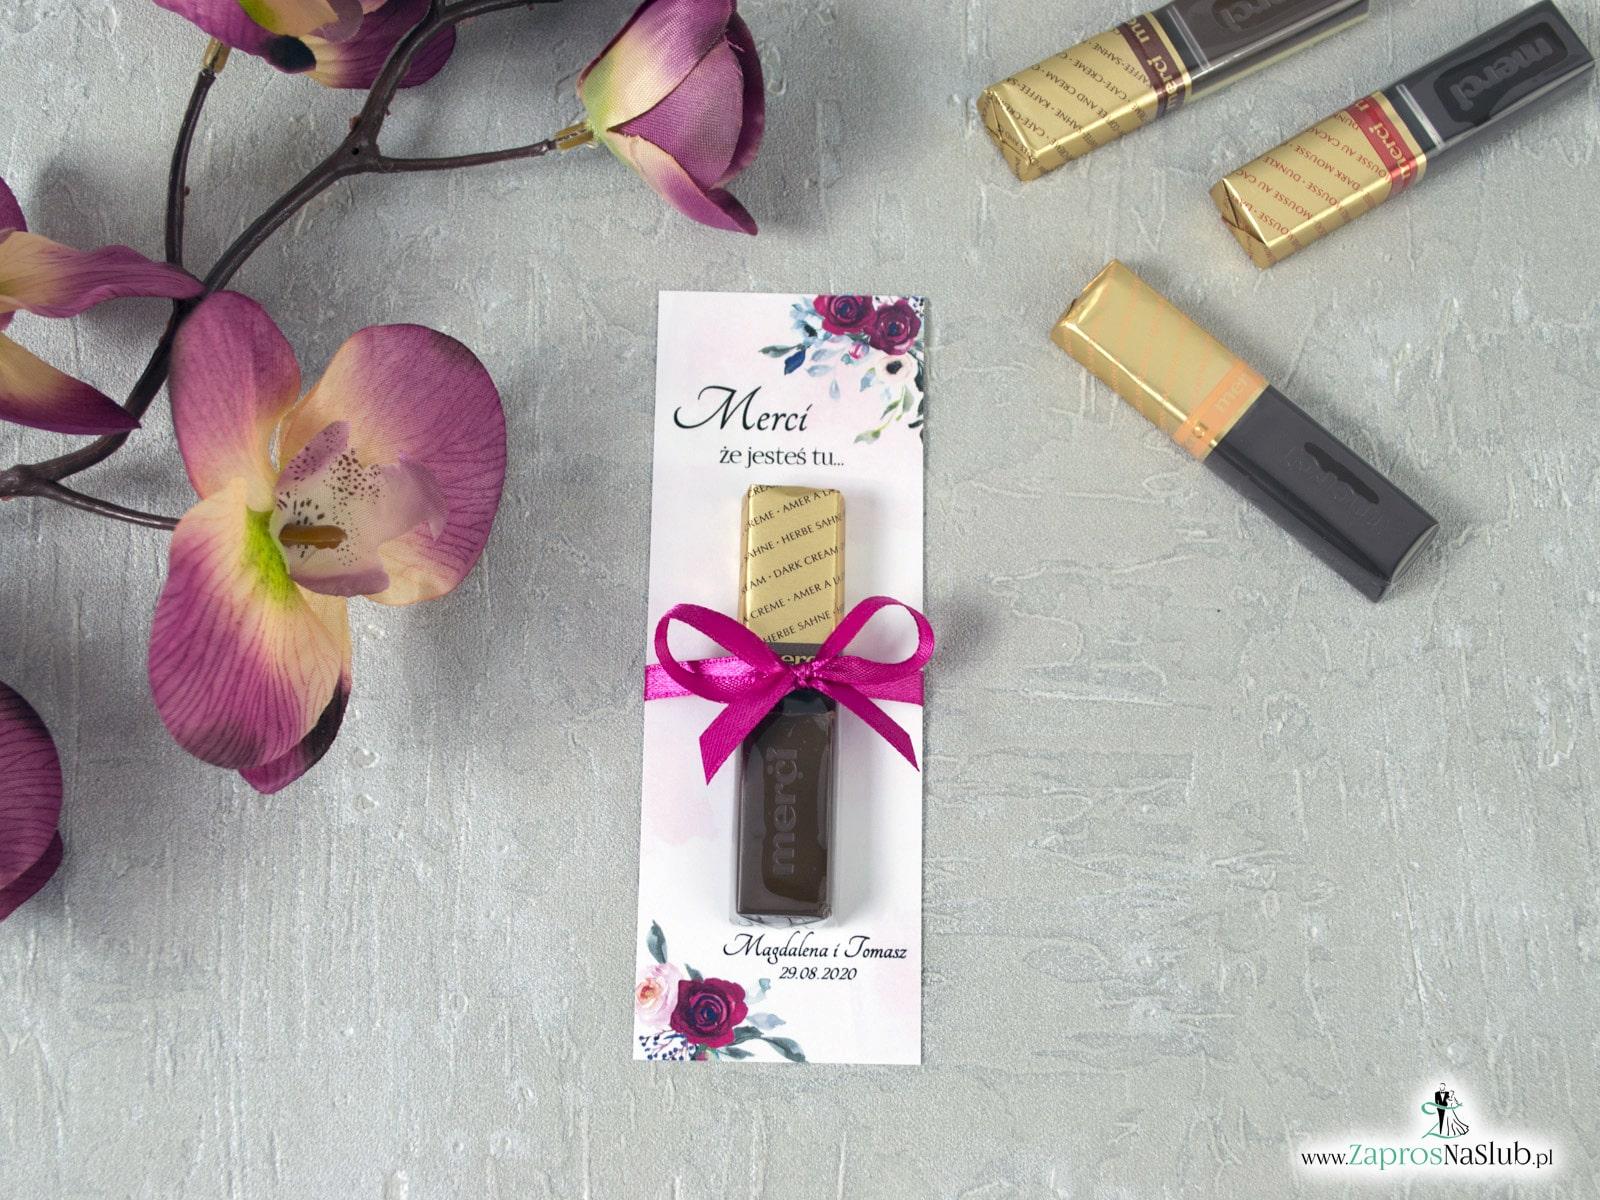 Podziękowanie dla gości weselnych w formie podkładki pod Merci z kwiatami róży. MER-41-06